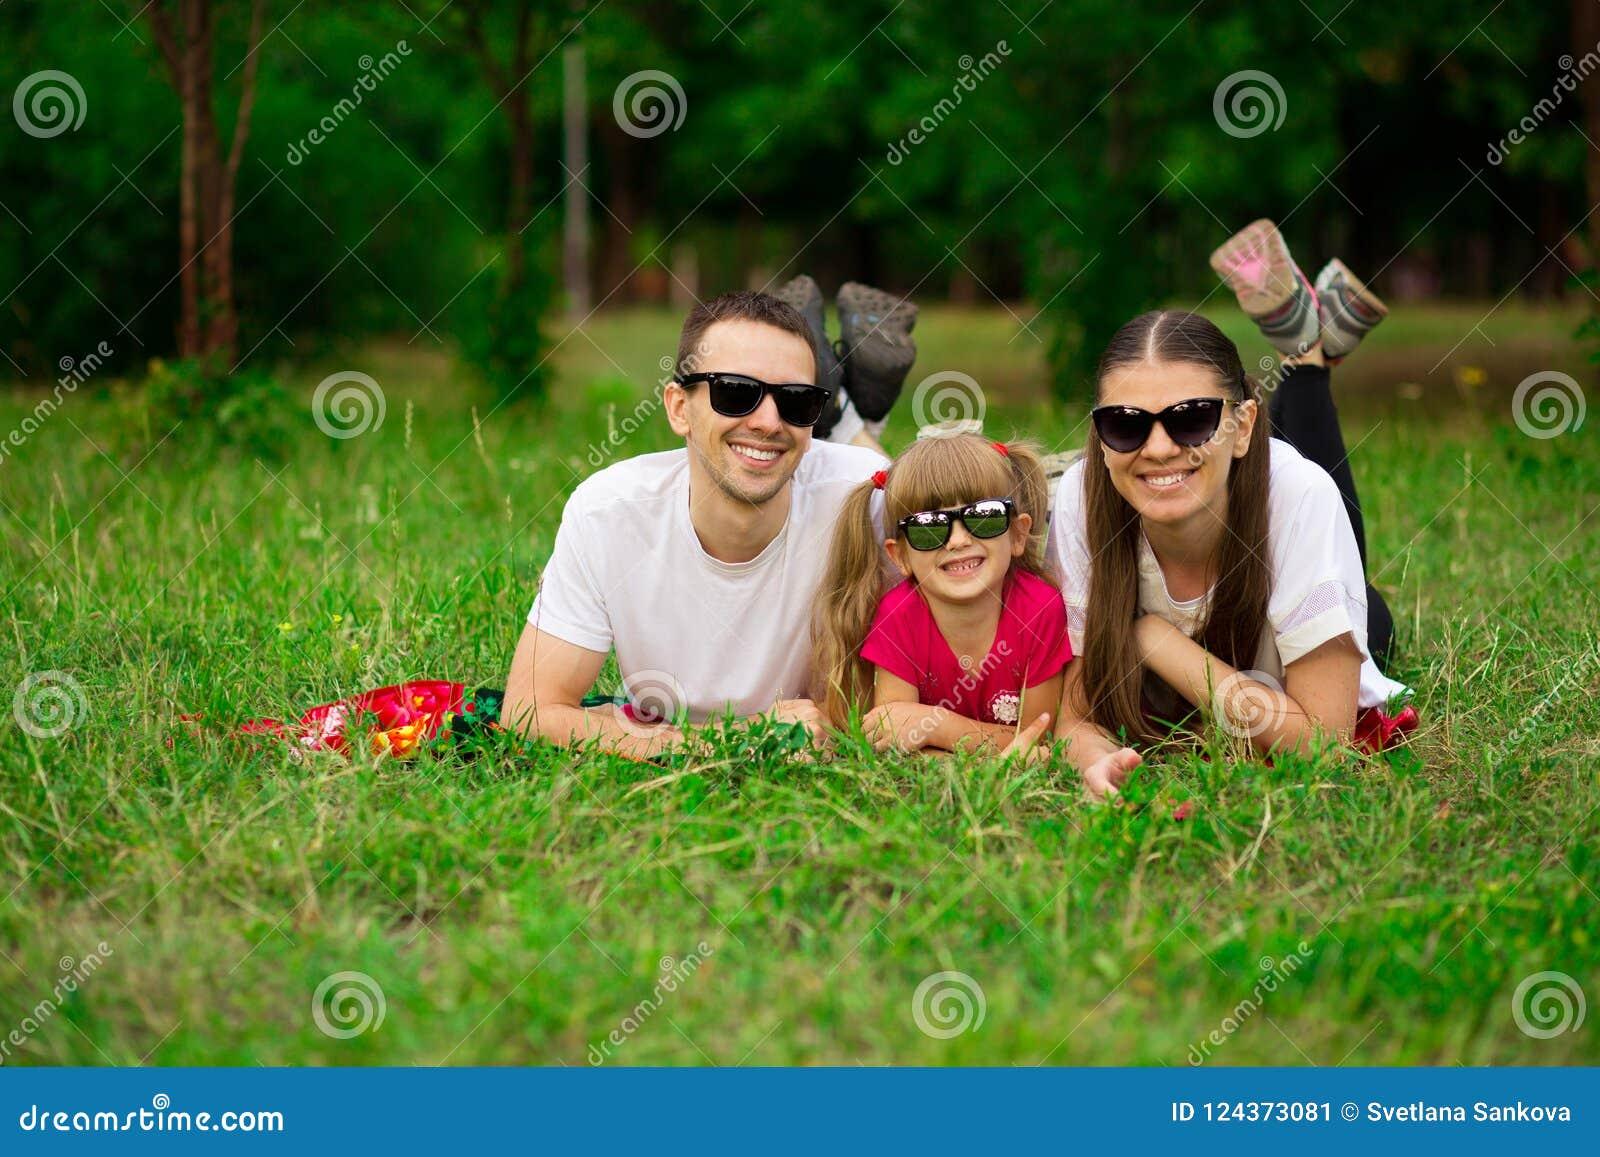 花费时间的愉快的年轻家庭室外在夏日 幸福和和谐在家庭生活中